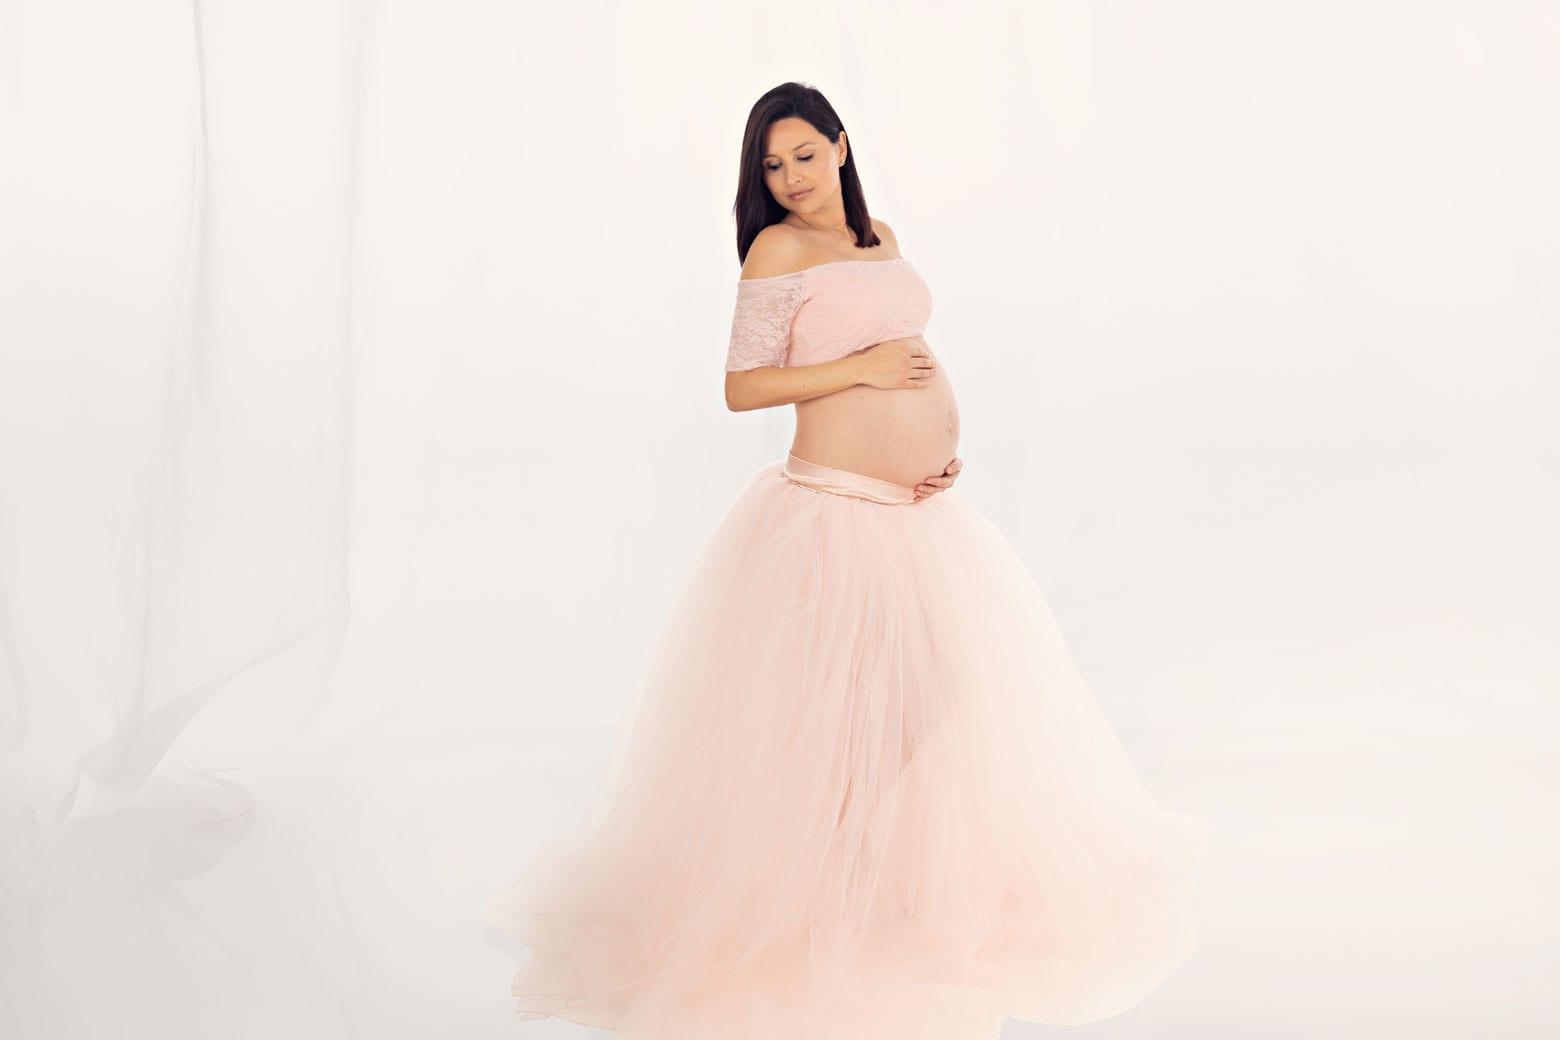 Glueckliche Frau mit rosa Kleid Babybauch Shooting Bergmann Studio fuer Schwangerschaftsfotografie